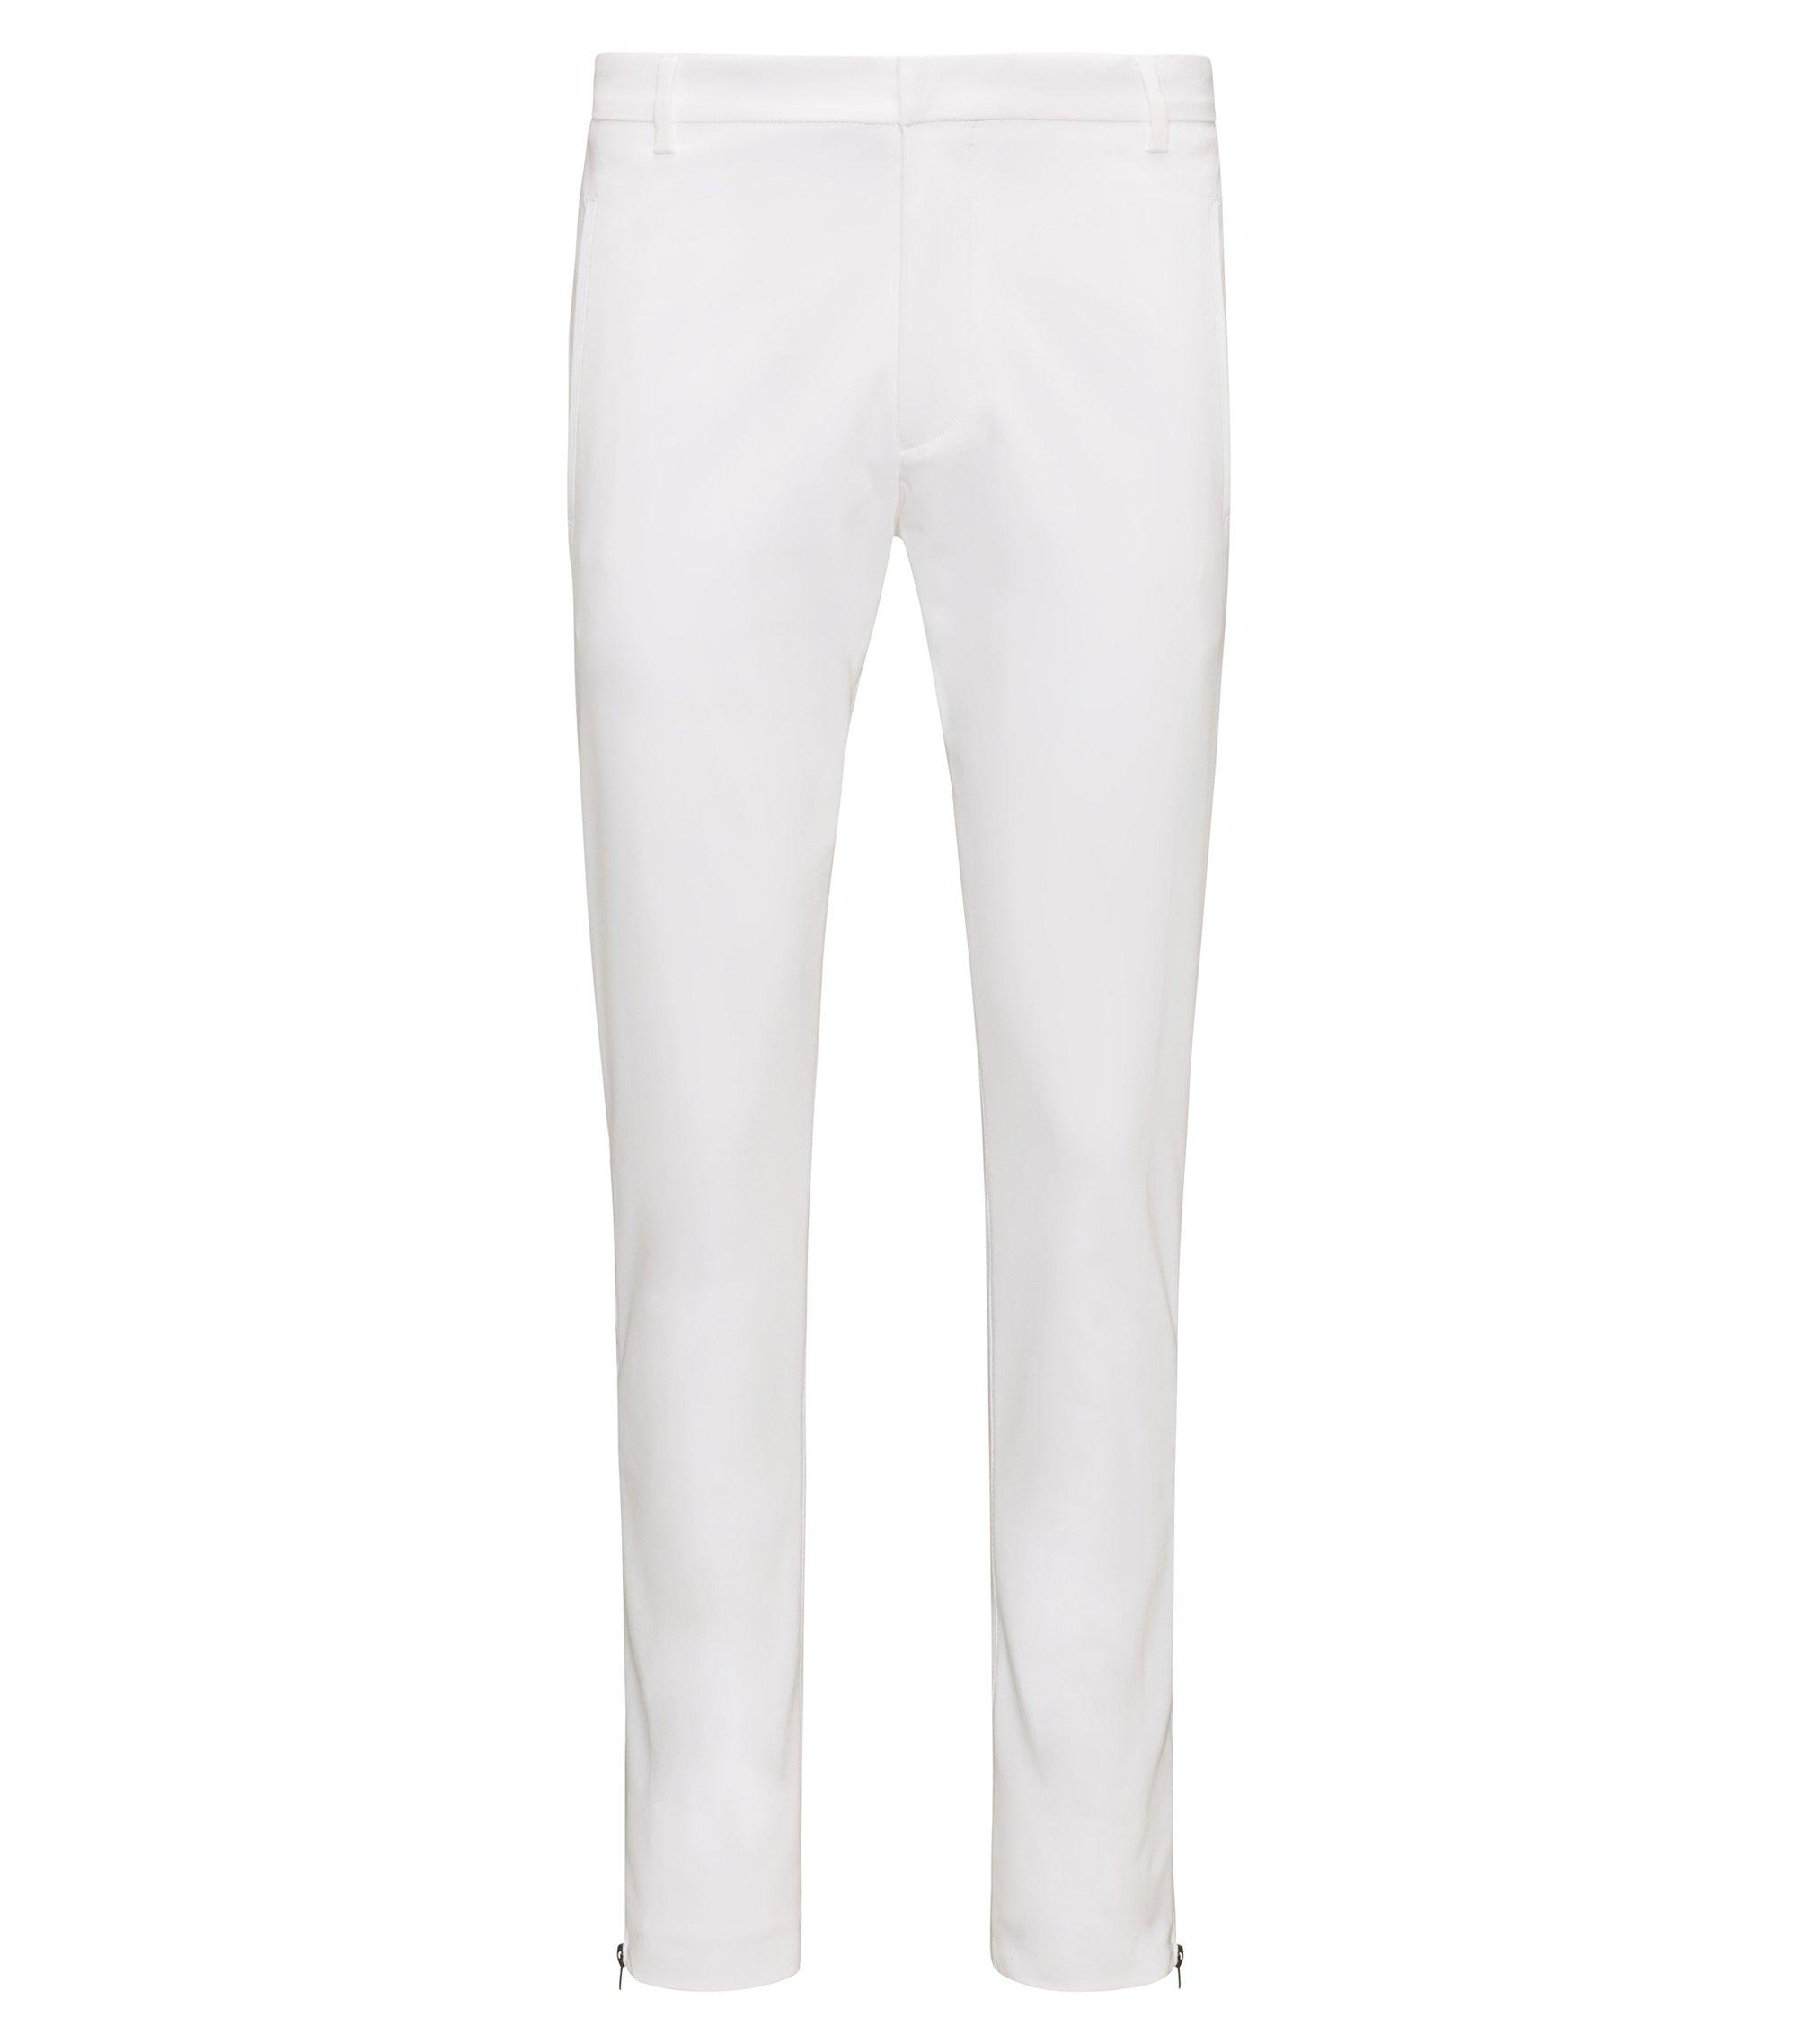 Extra Slim-Fit Hose aus Baumwoll-Mix mit Reißverschluss-Details, Weiß